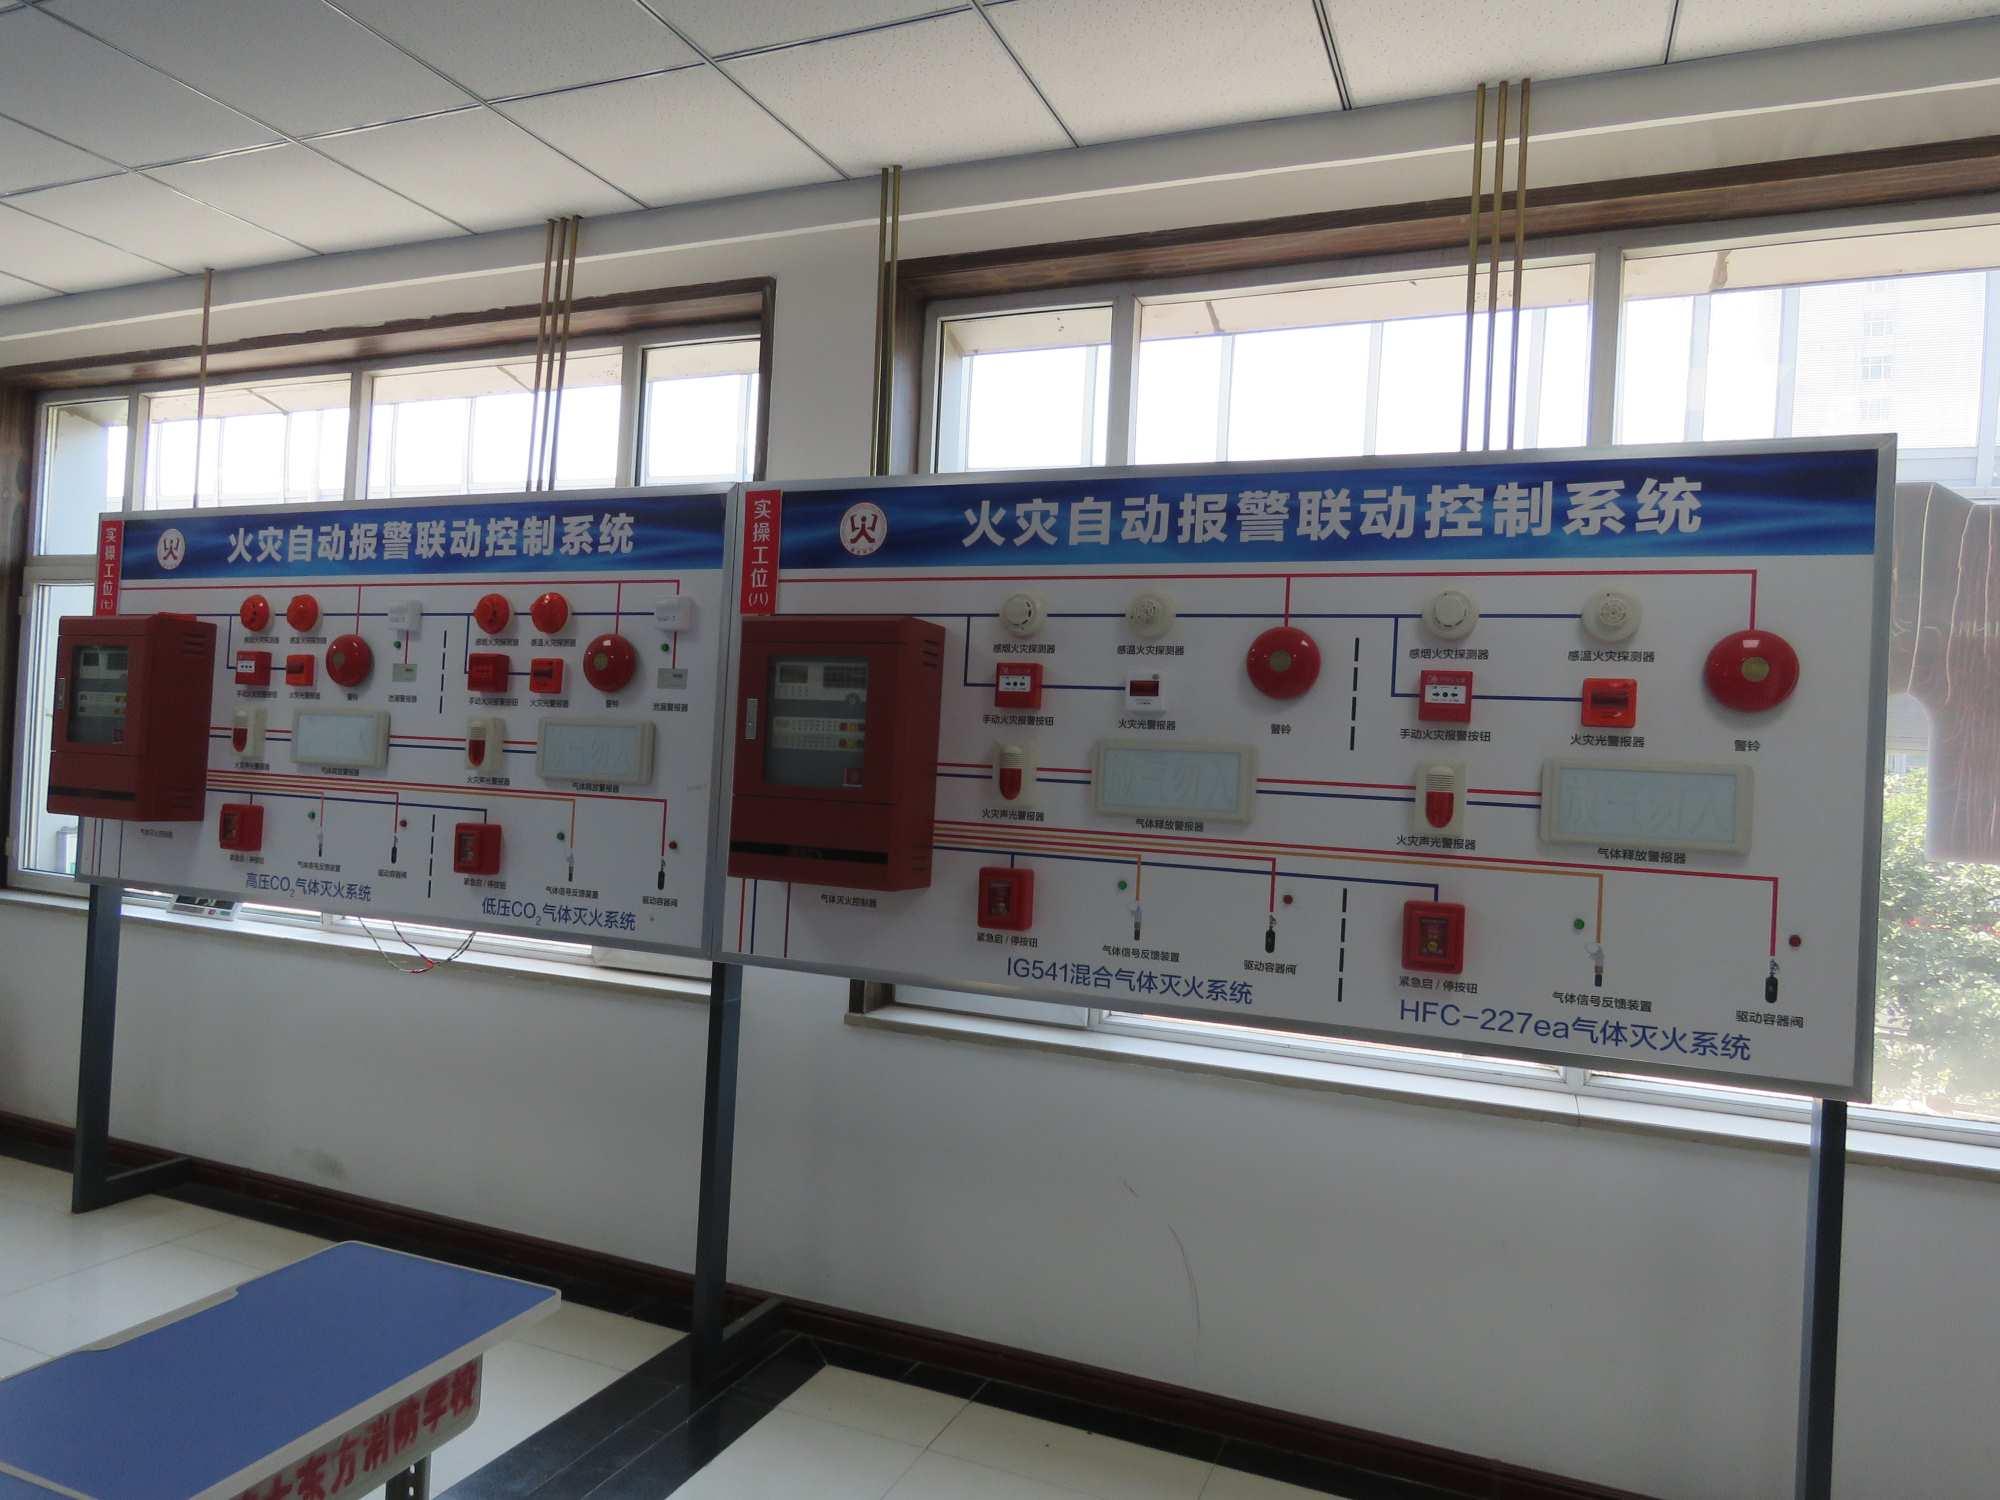 清大东方教育科技集团有限公司 供求信息 > 建构筑物消防员培训